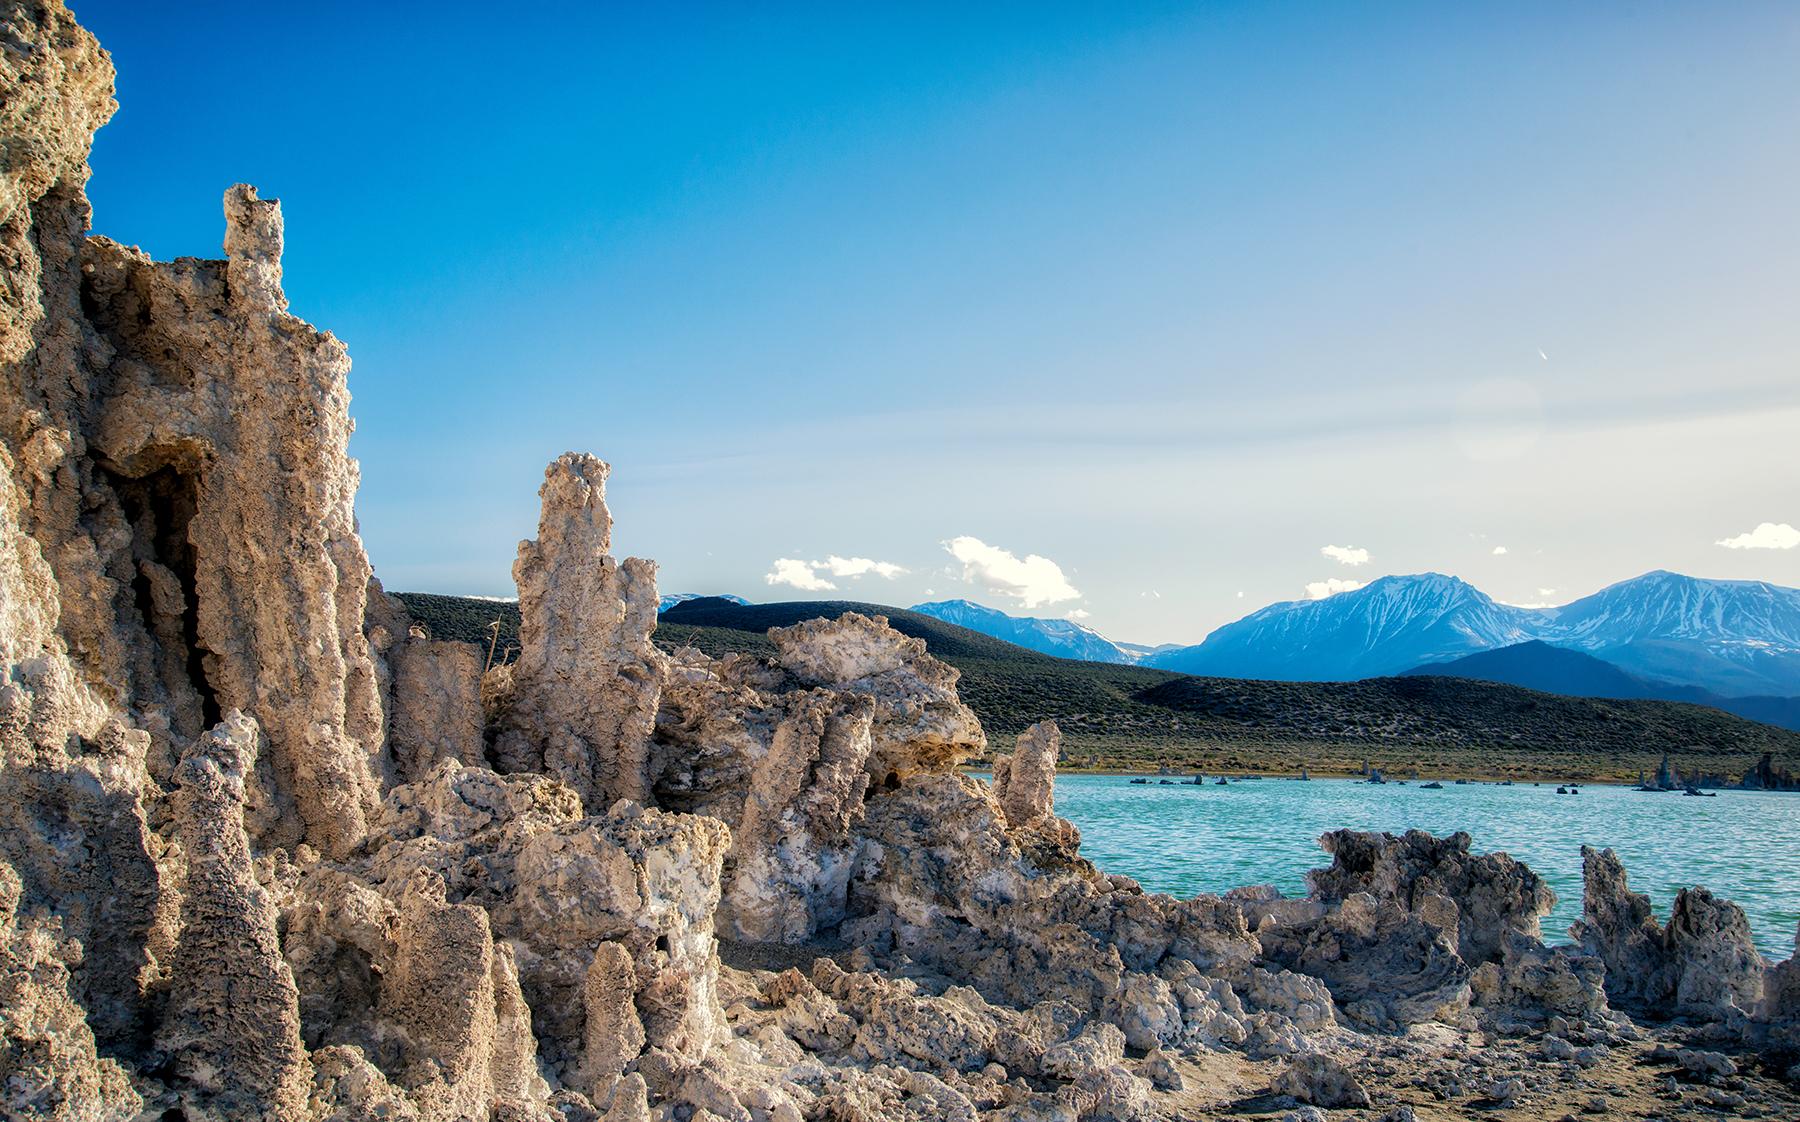 Tufa, Mono Lake & the Sierra Nevada Moun